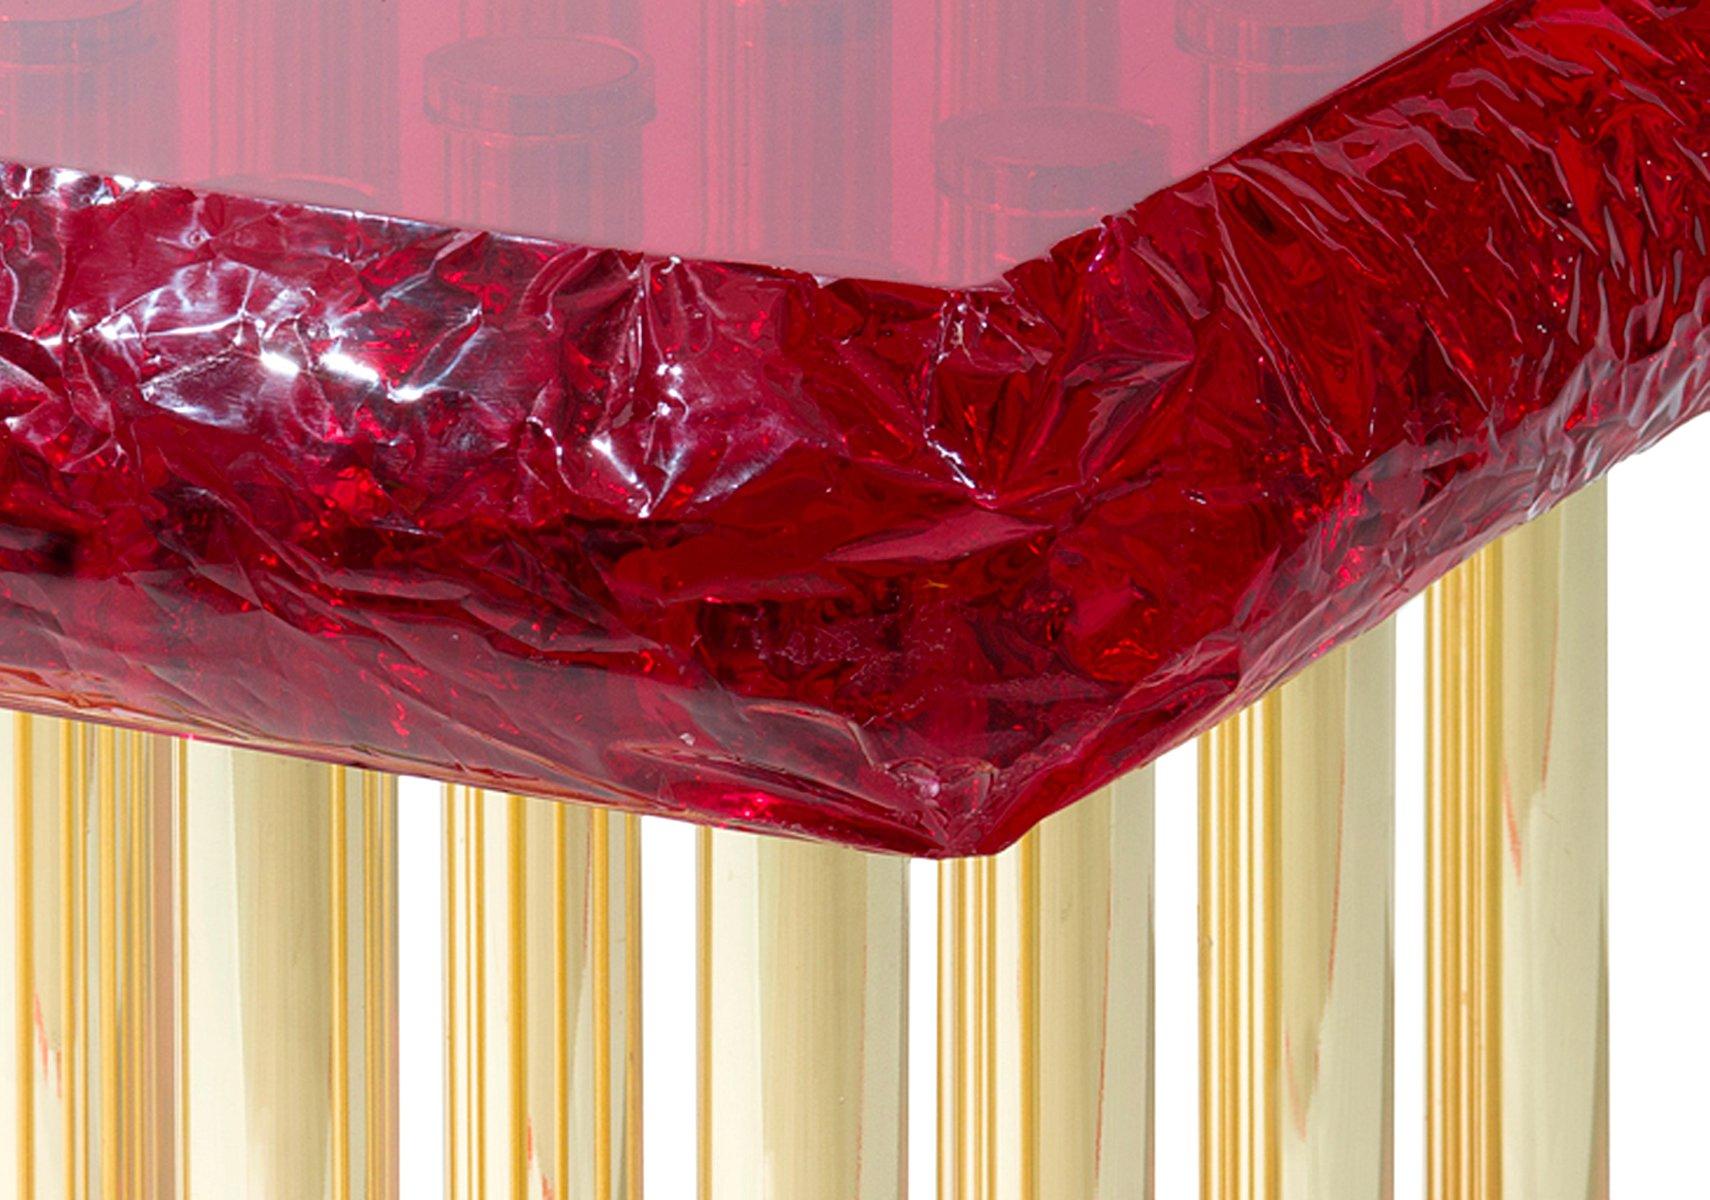 Mou couchtisch in rot von studio superego bei pamono kaufen - Couchtisch rot ...